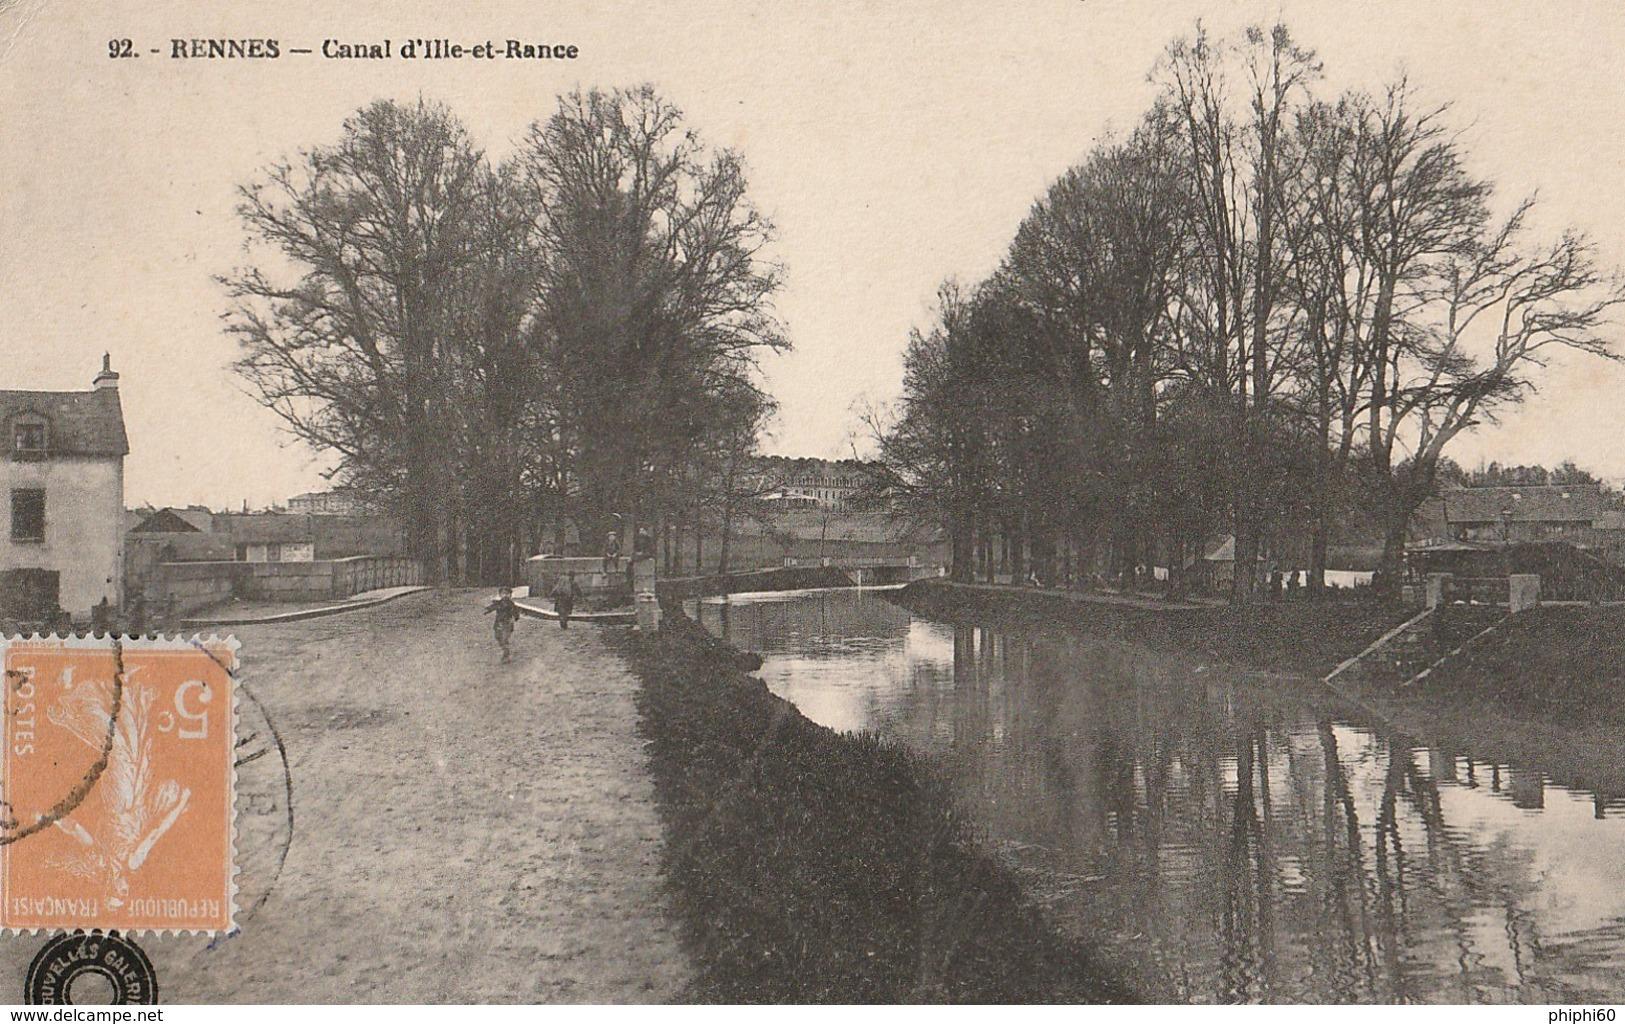 RENNES  -  35  -  Canal D'Ille-et-Rance - Rennes